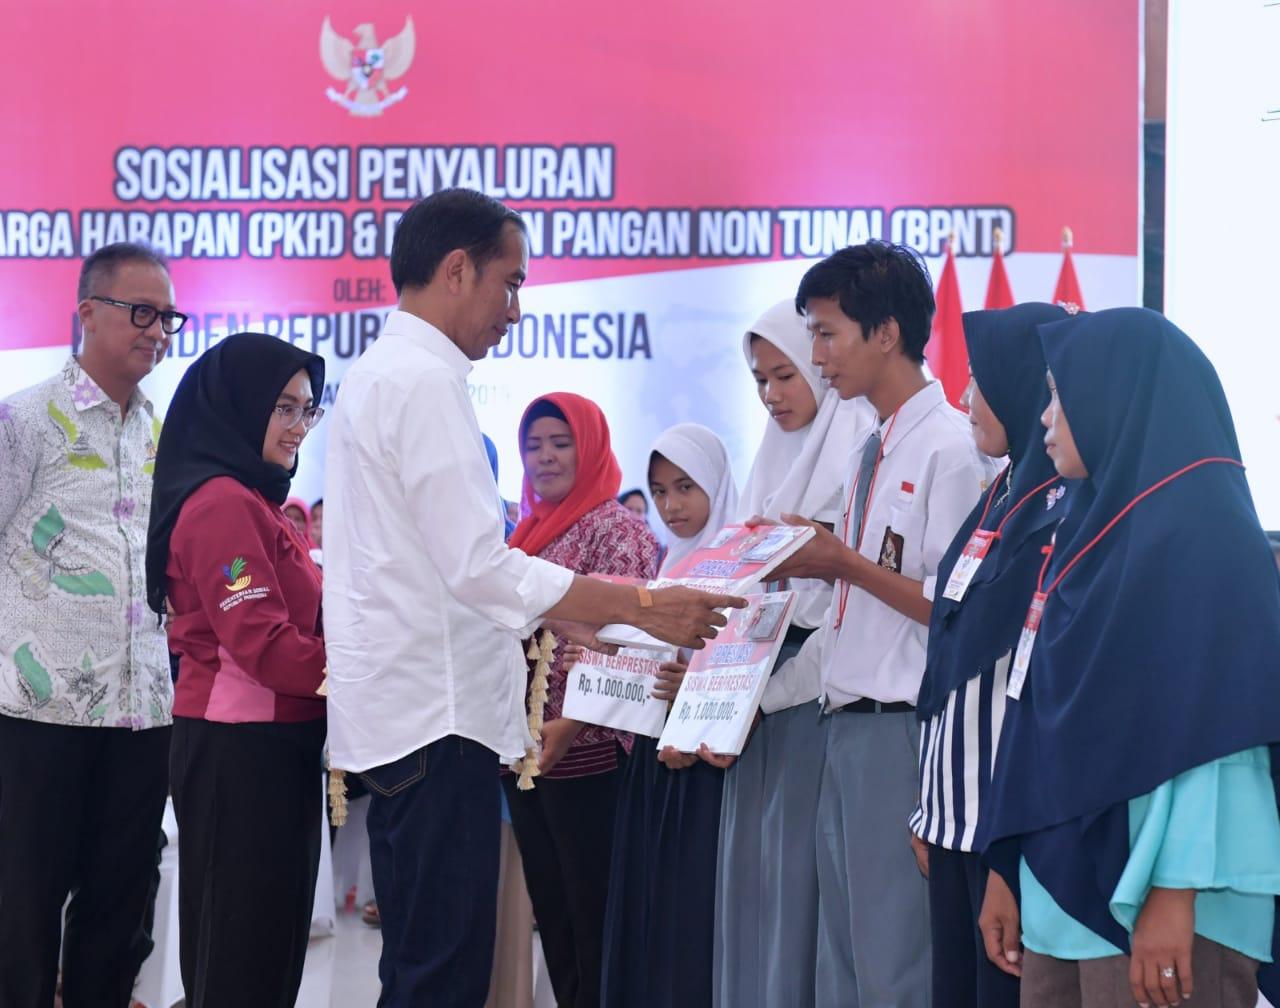 presiden-jokowi-salurkan-bantuan-pkh-di-pangkalpinang-19